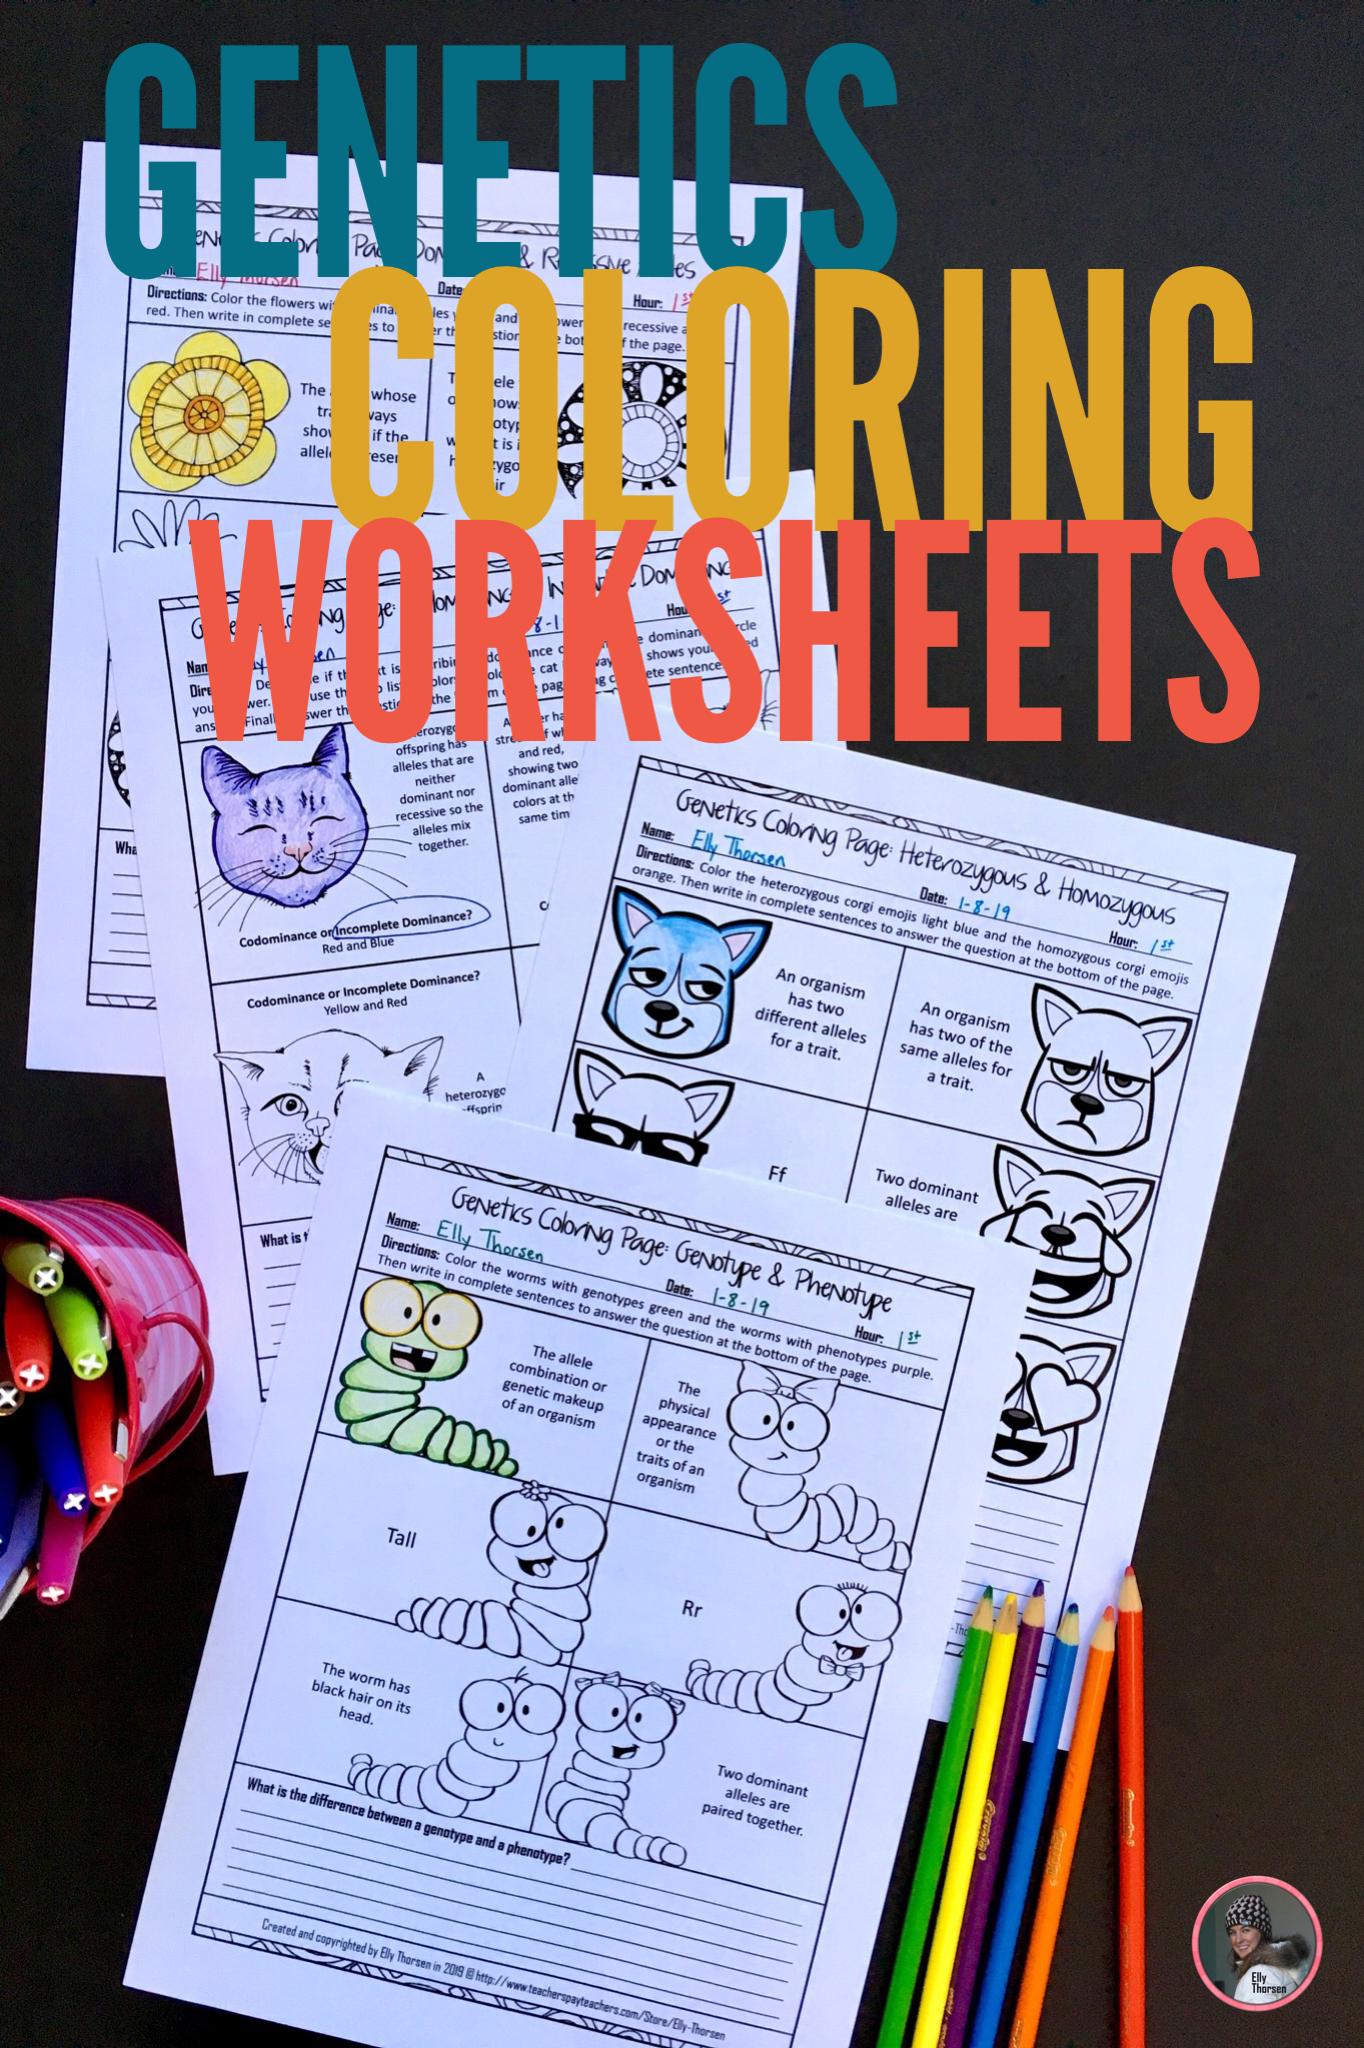 Genetics Coloring Worksheet Bundle Genetics Activities Middle School Science Resources Middle School Activities [ 2048 x 1364 Pixel ]